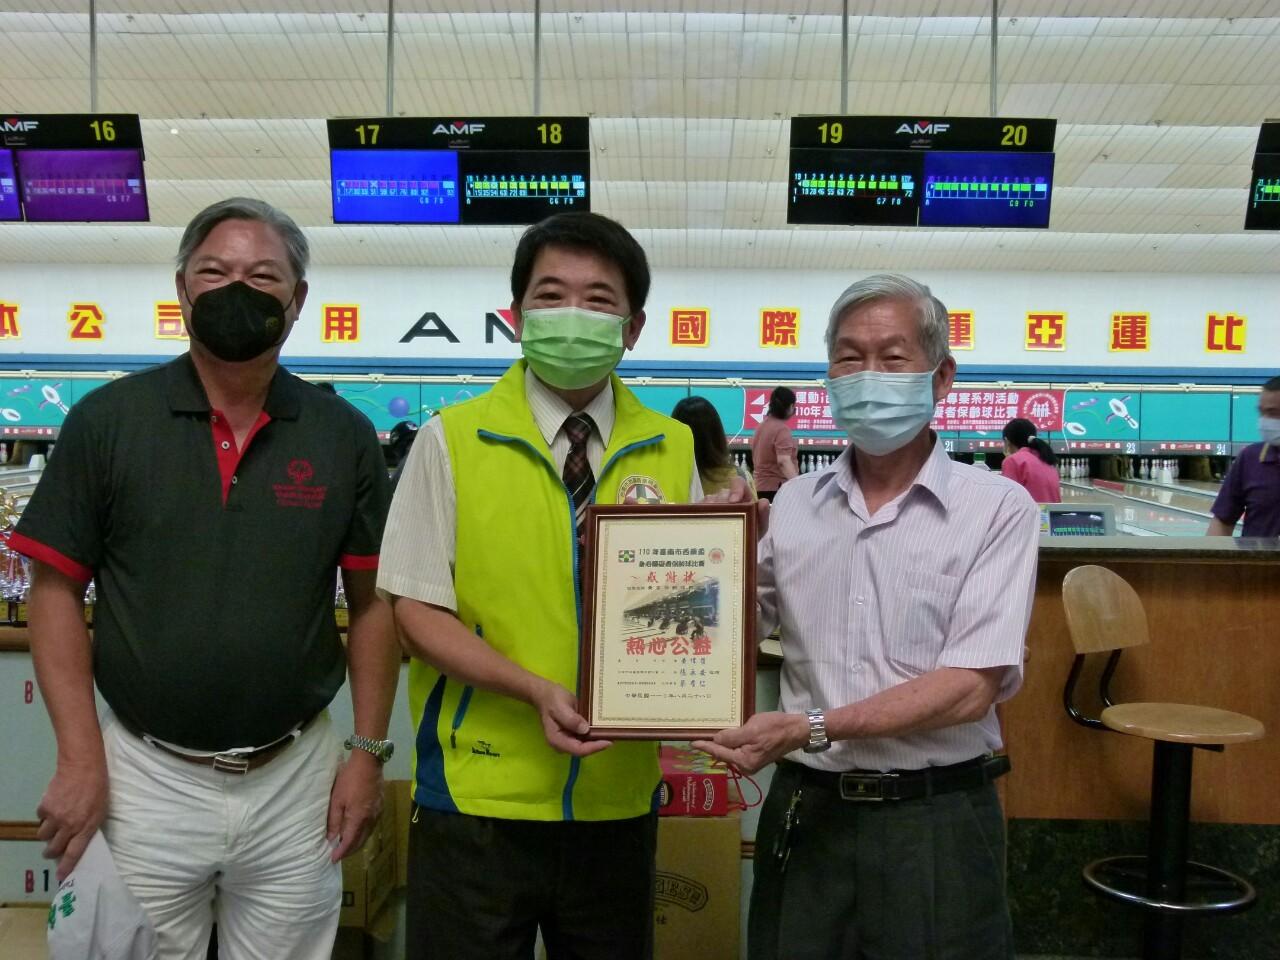 110年度公益活動臺南市西藥盃身心障礙者保齡球賽於黃金保齡球館舉行。_210830_20